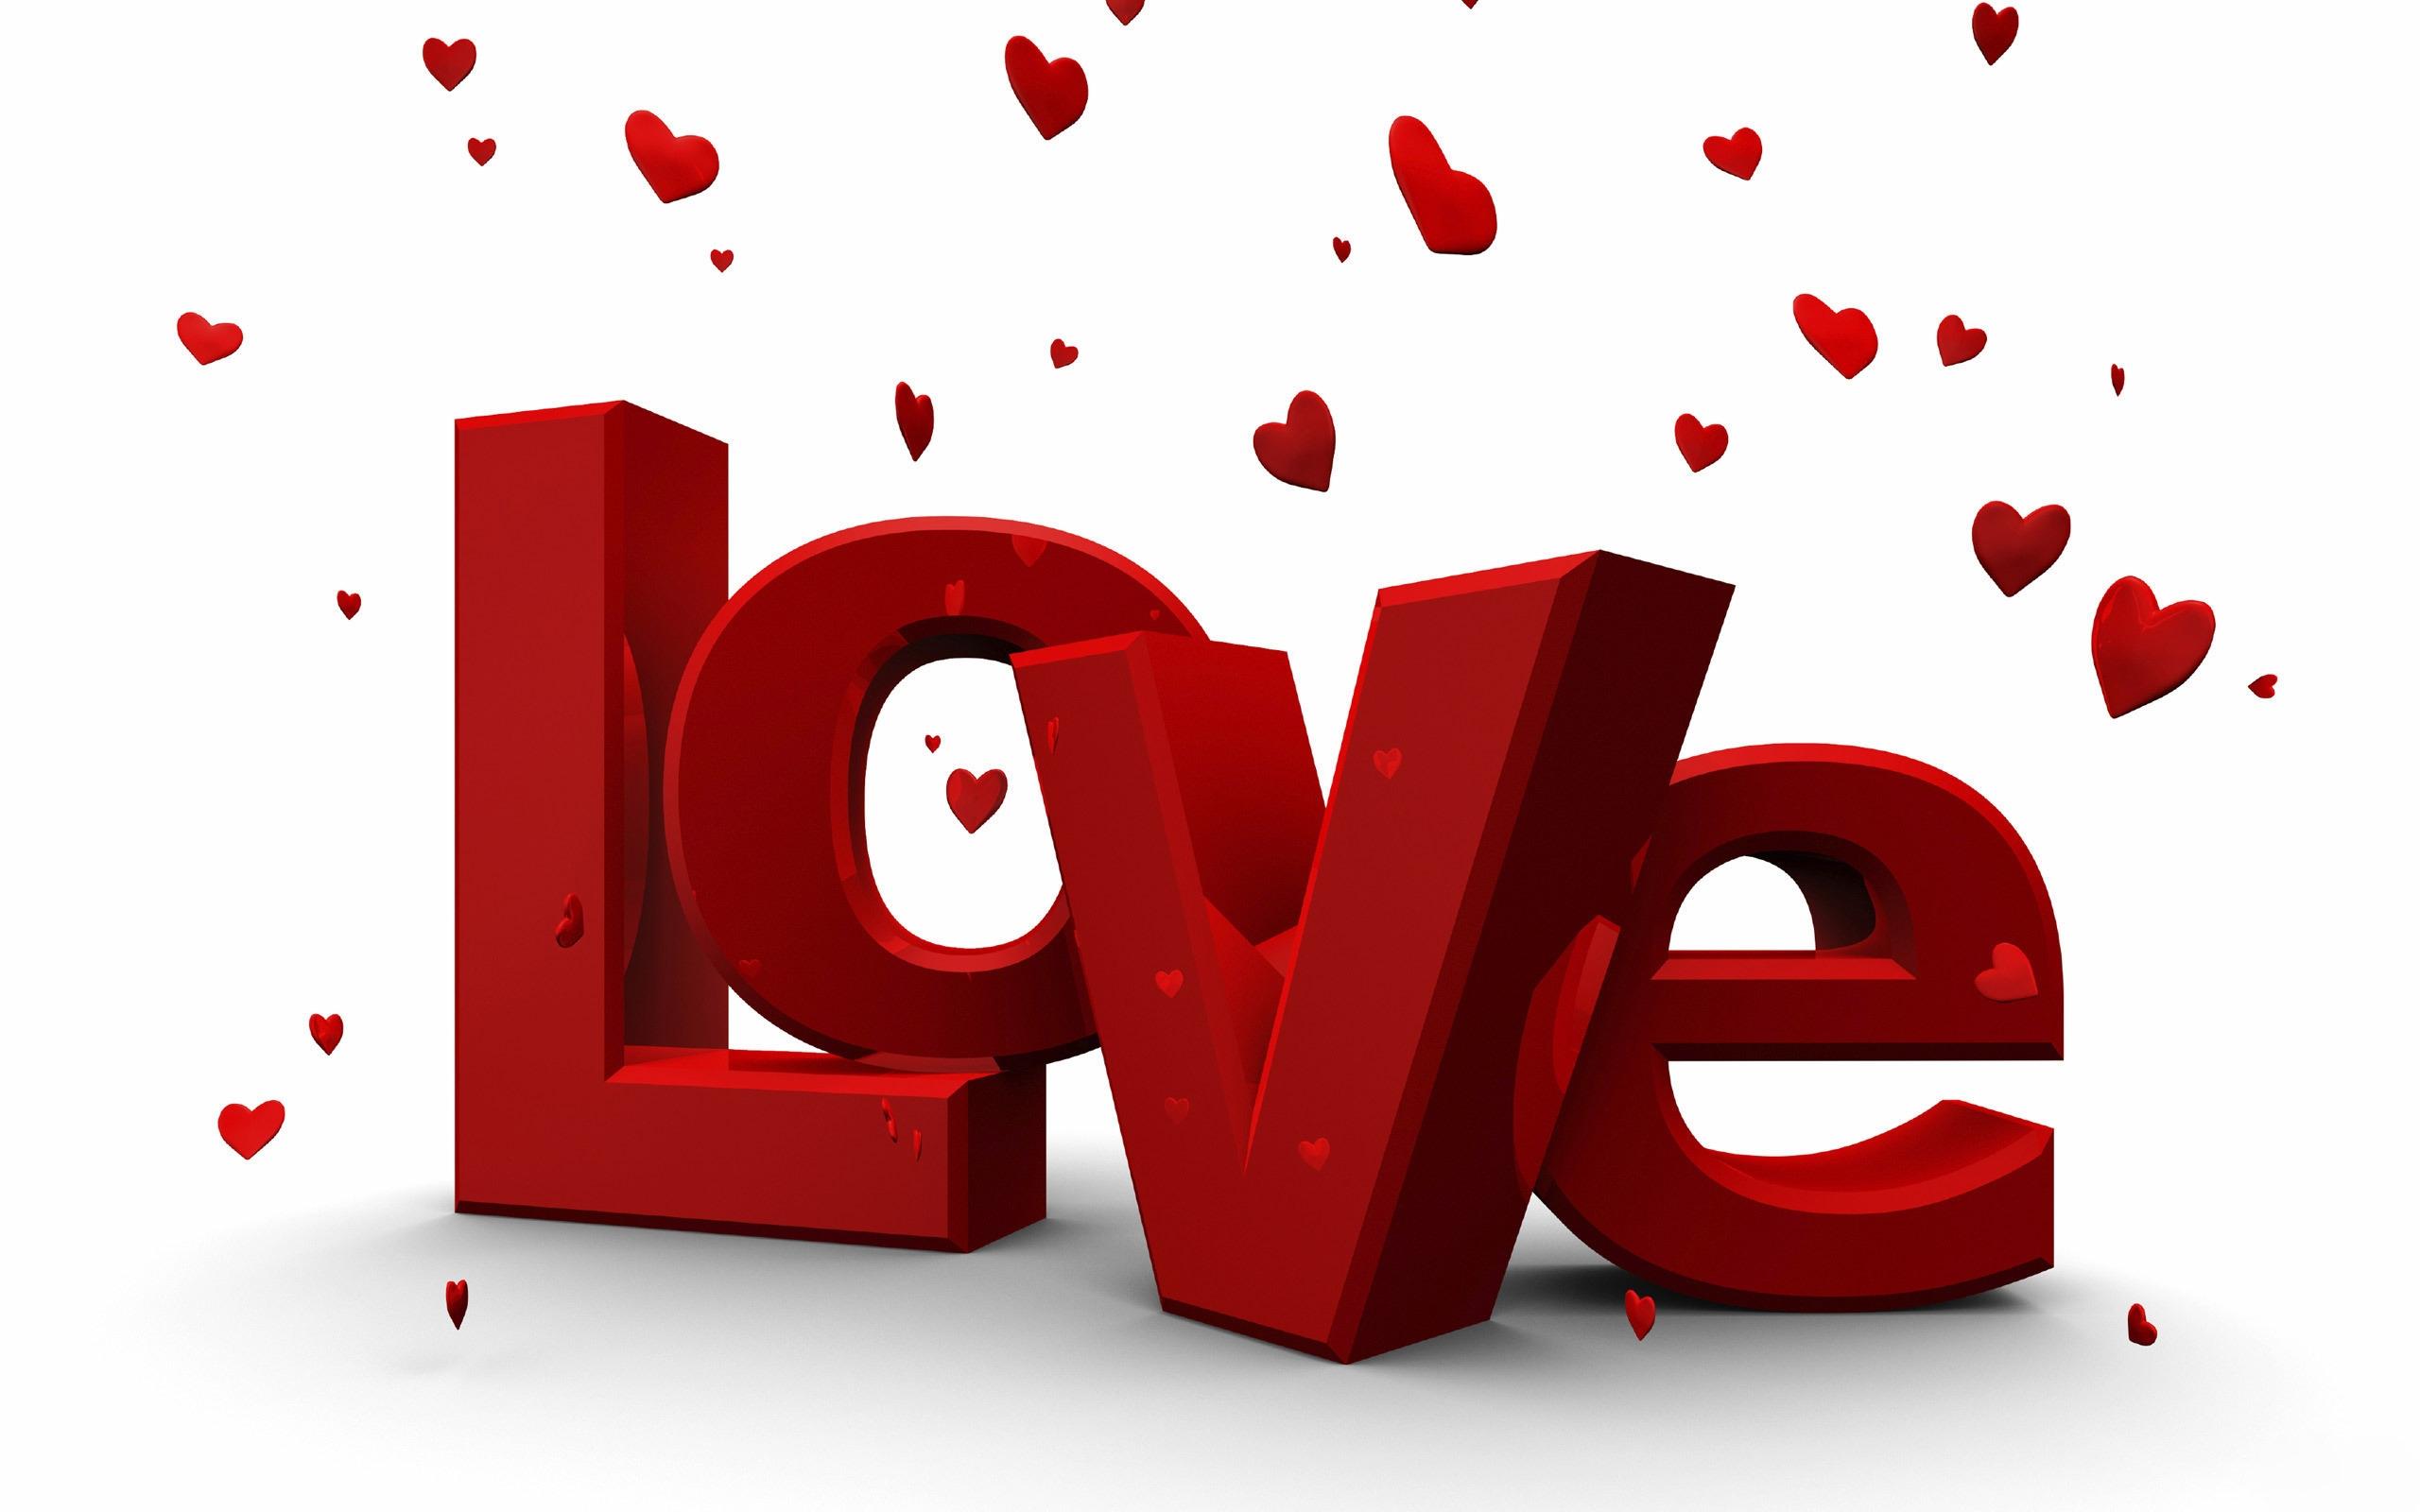 Картинки для рабочего стола любовь   скачать бесплатно (13)